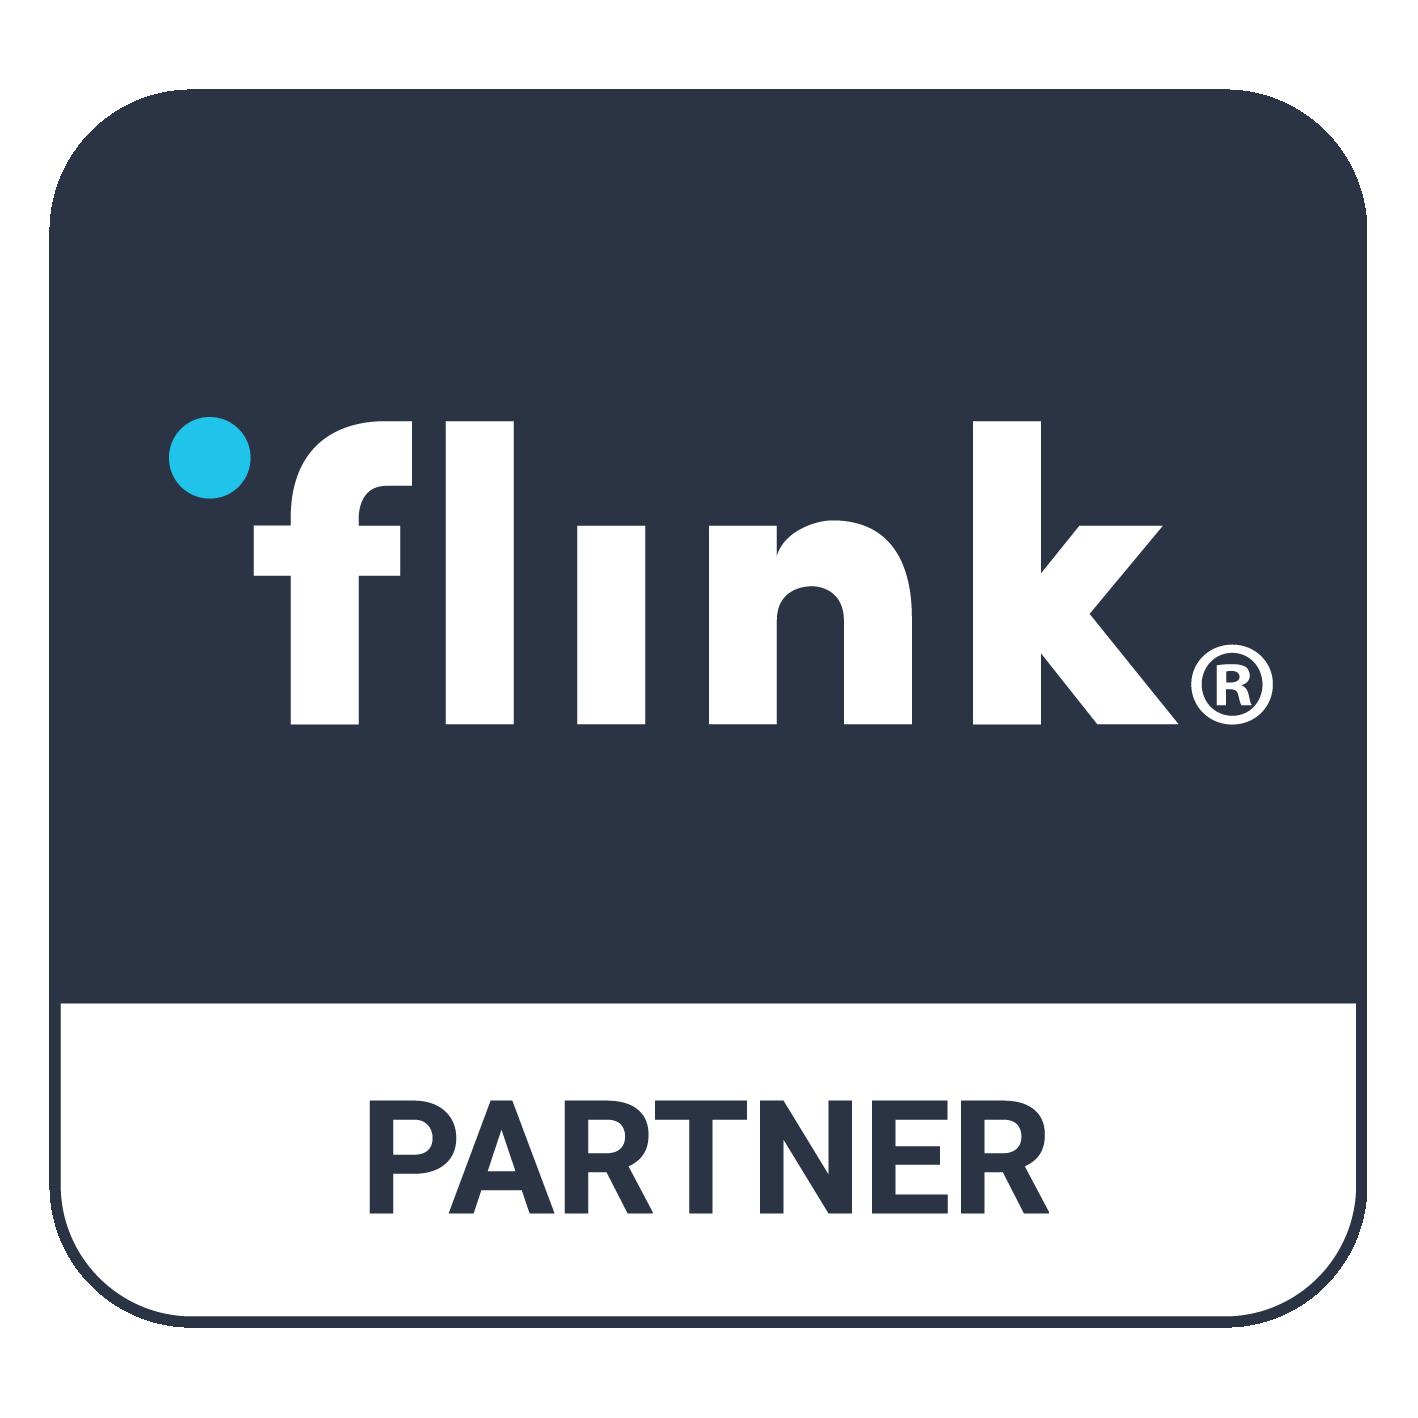 flink_Partner_Badge.png